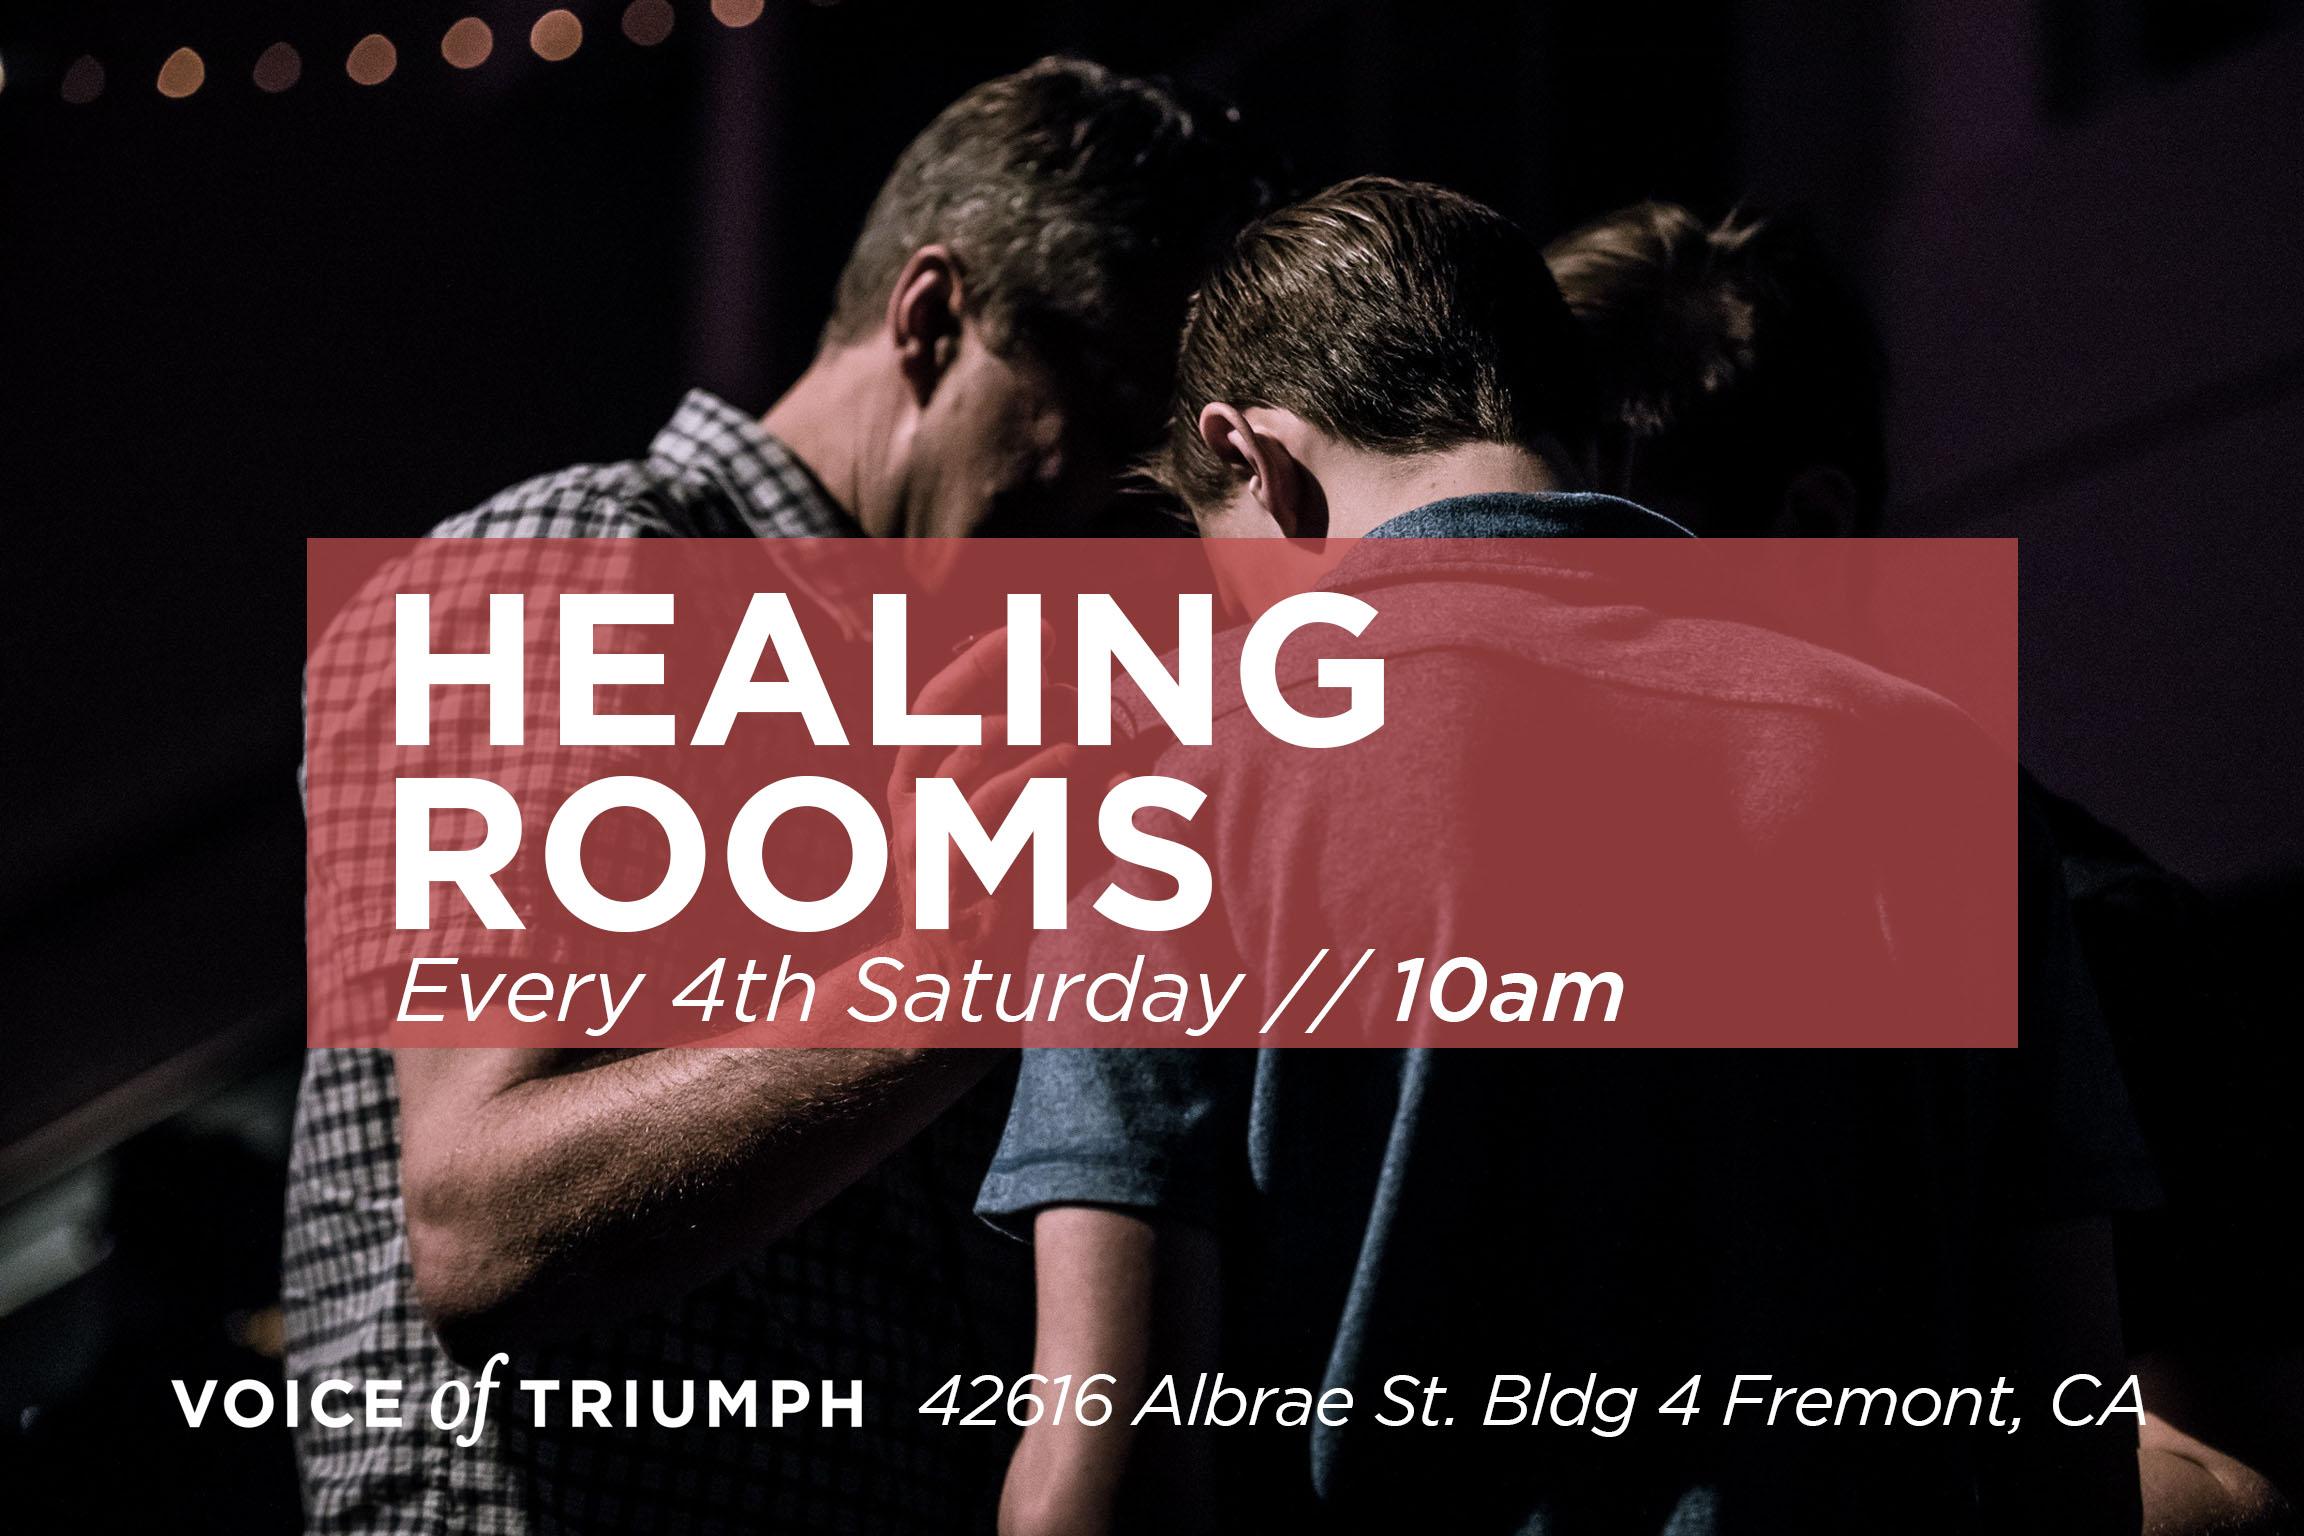 HEALING-ROOM-Flyer.jpg